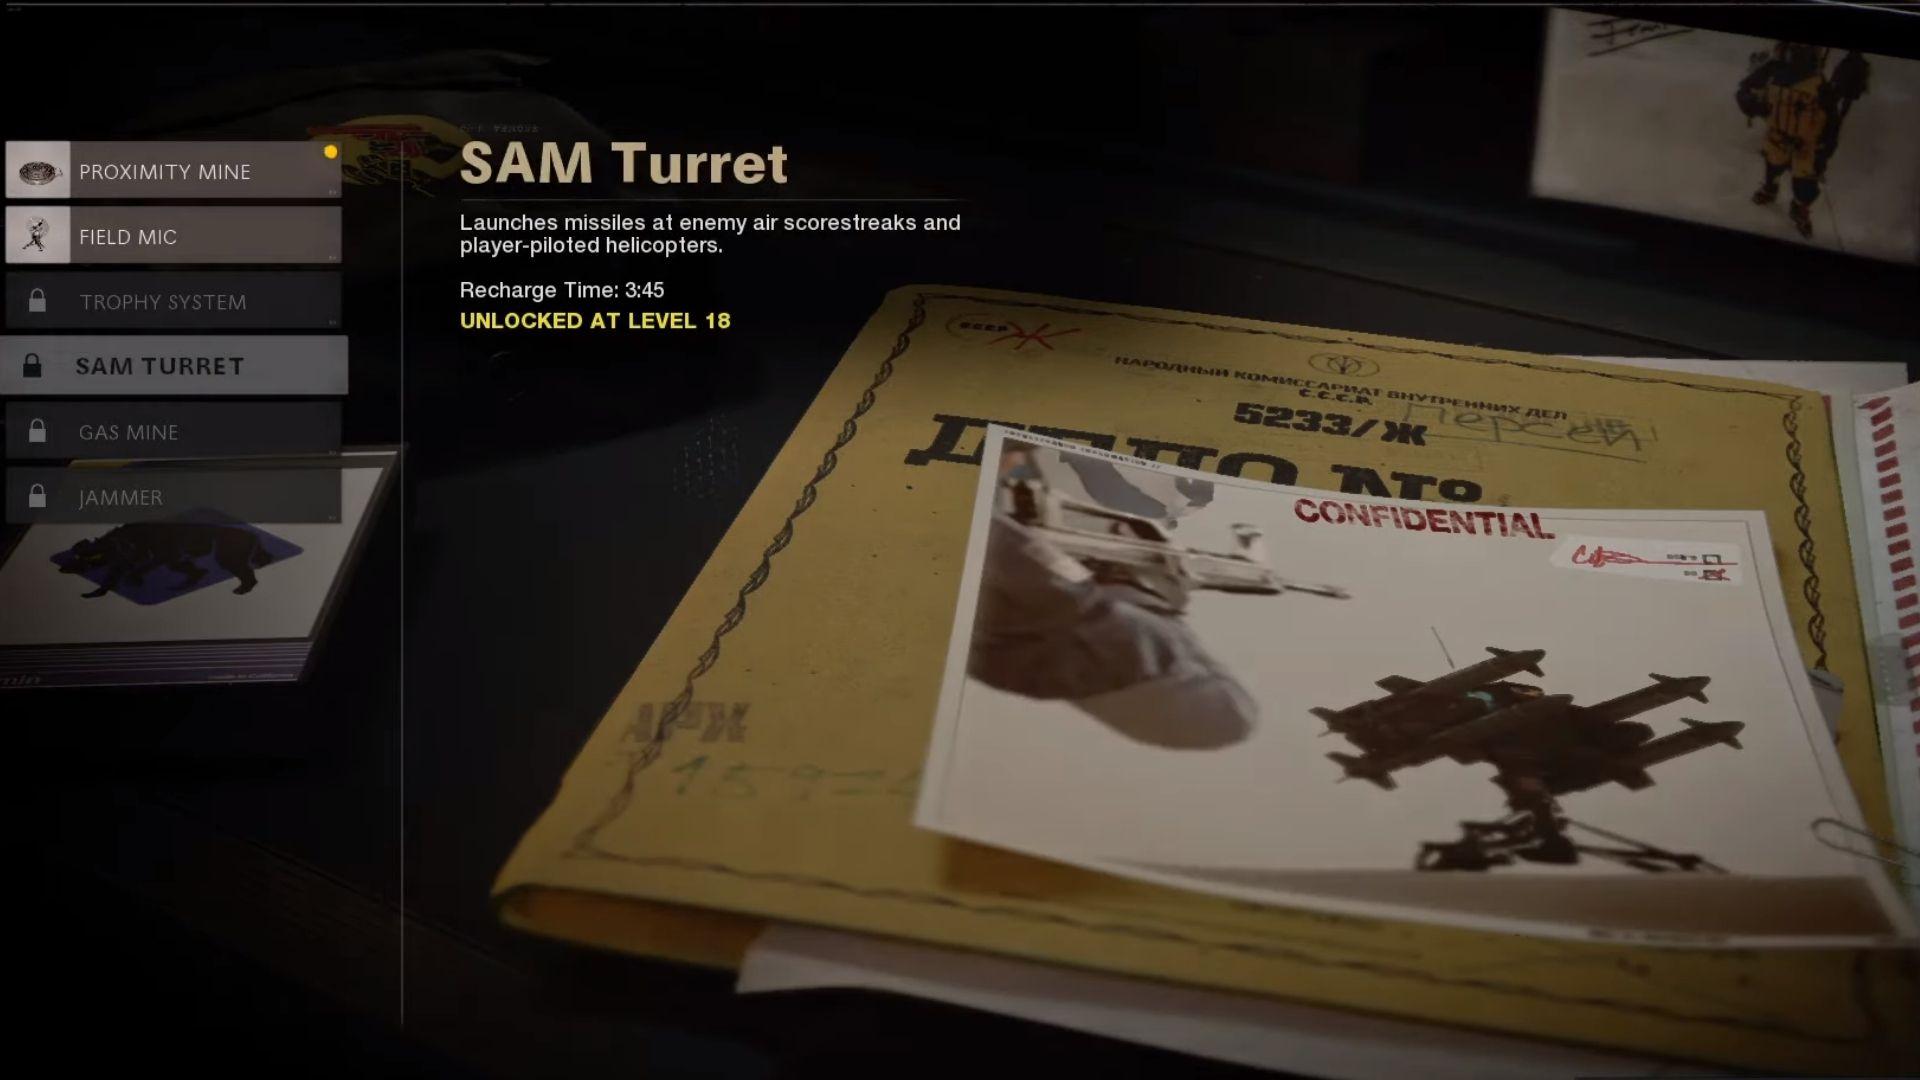 sam turret in black ops cold war